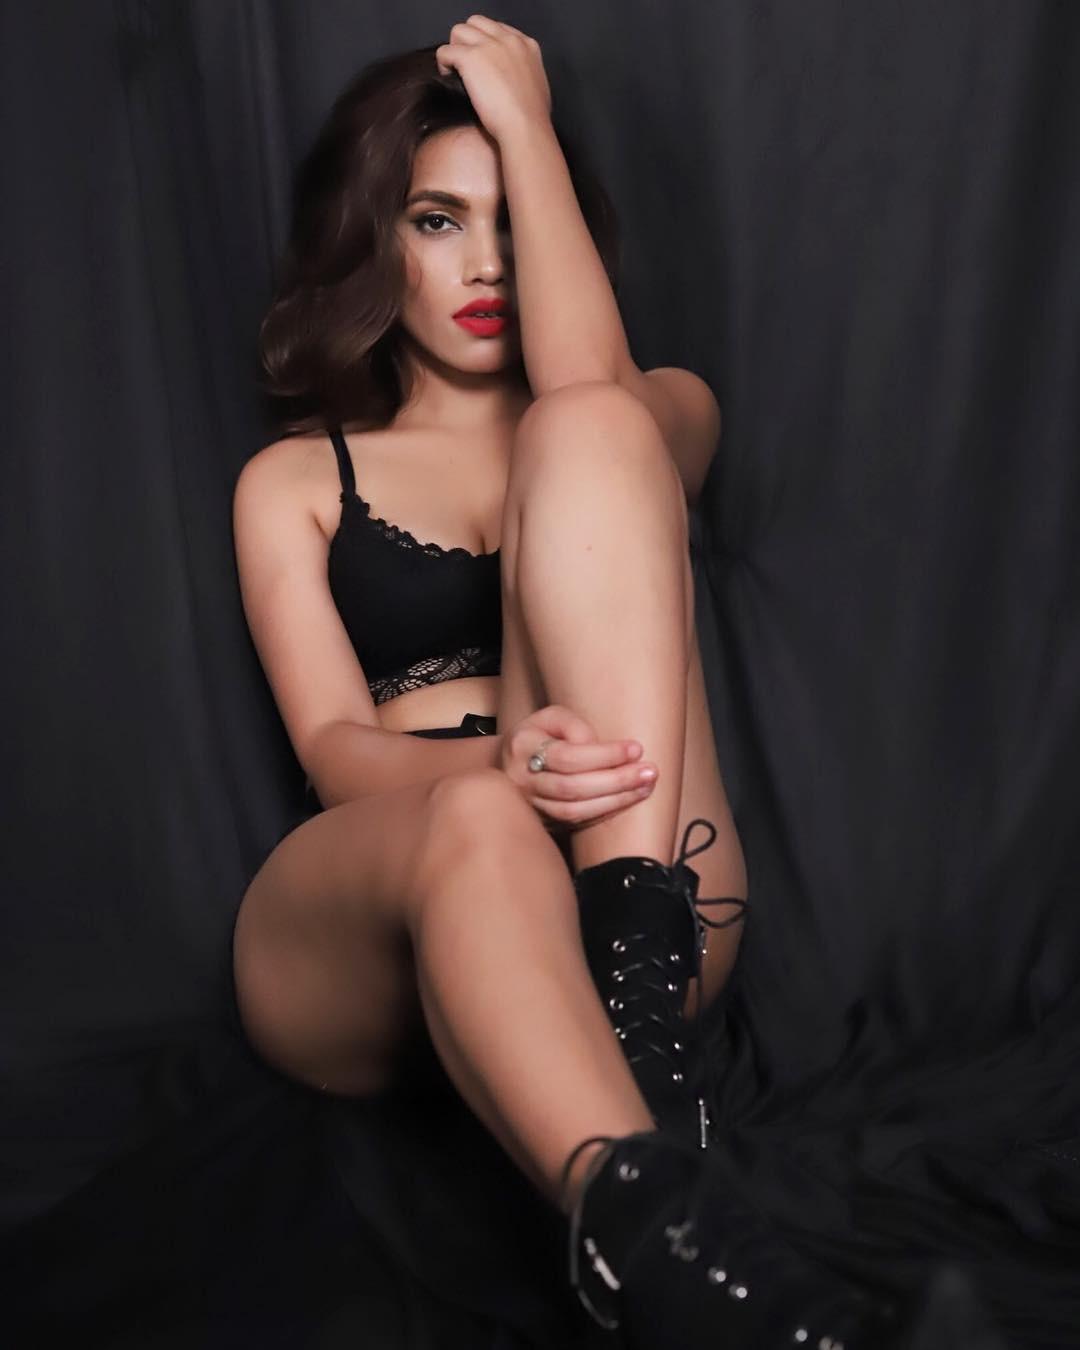 Hot Photos Of Model Purbaasha Das